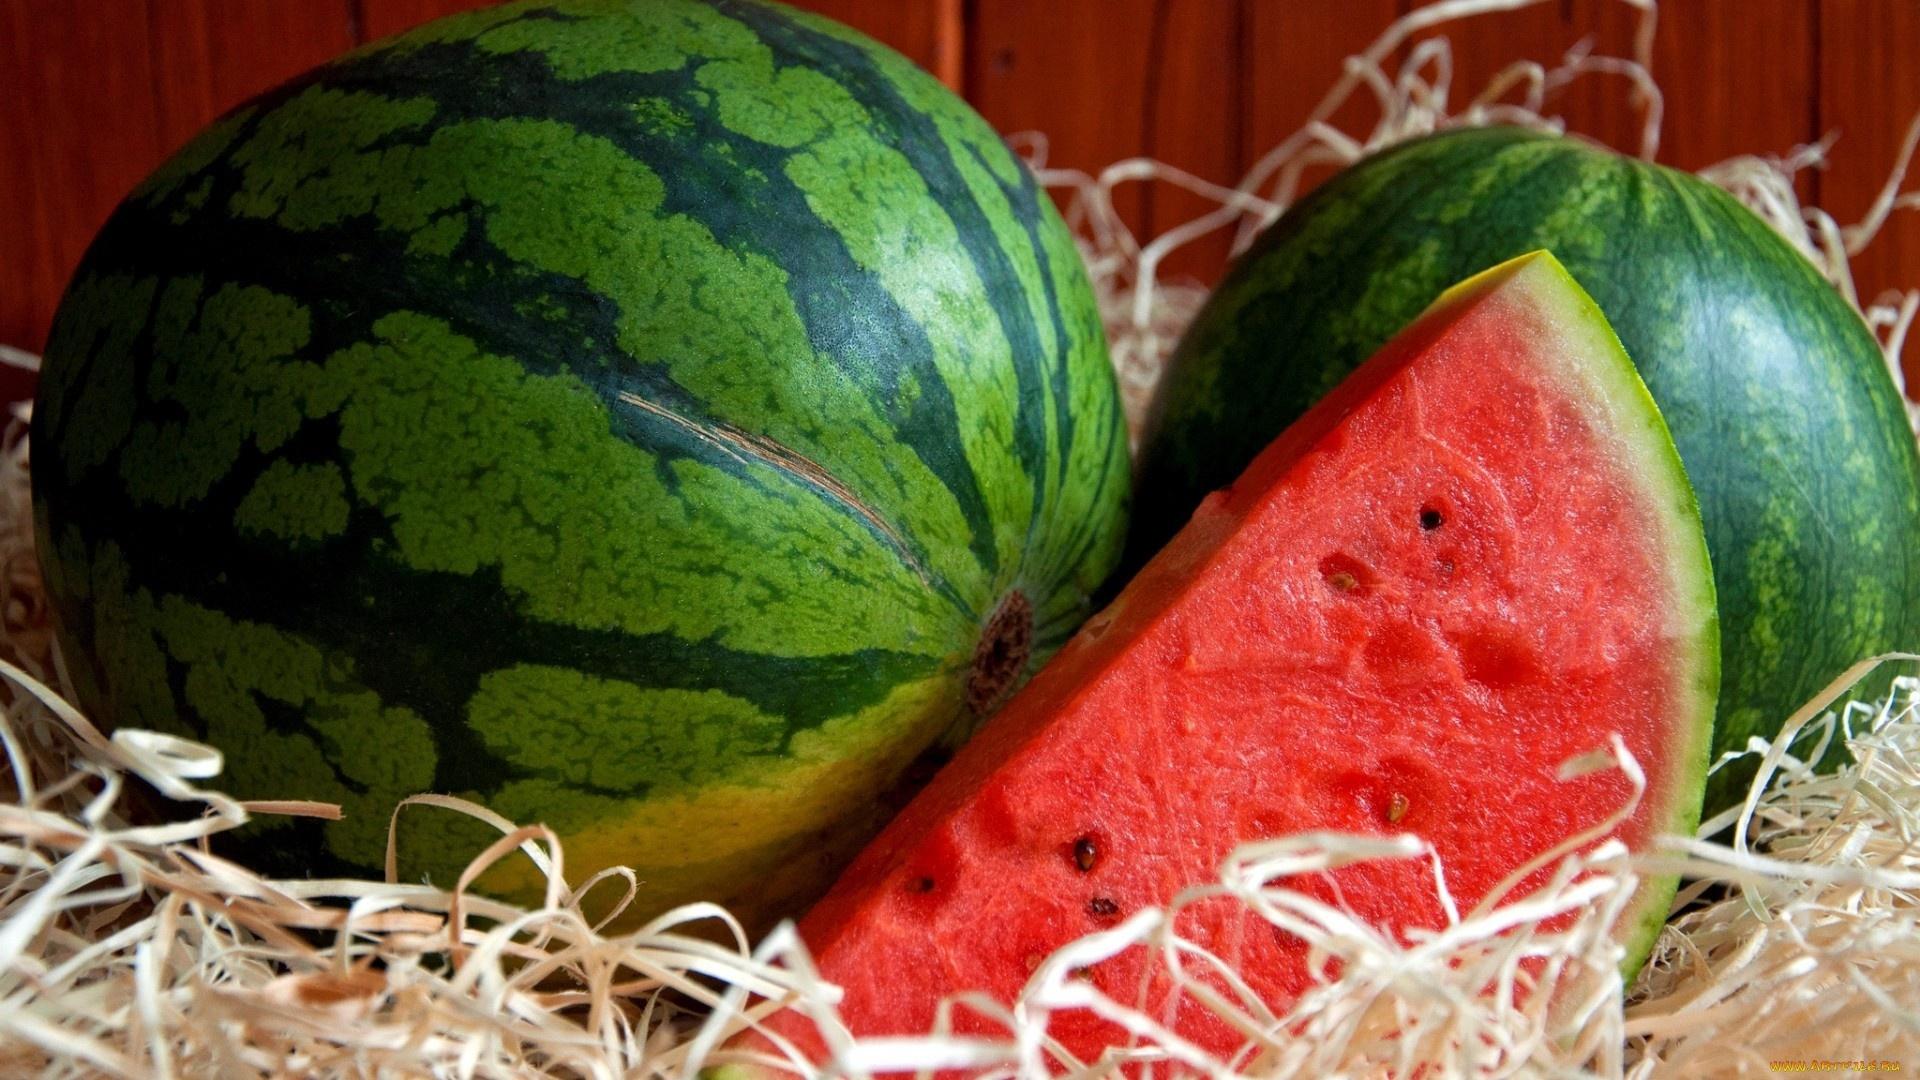 Watermelon pc wallpaper